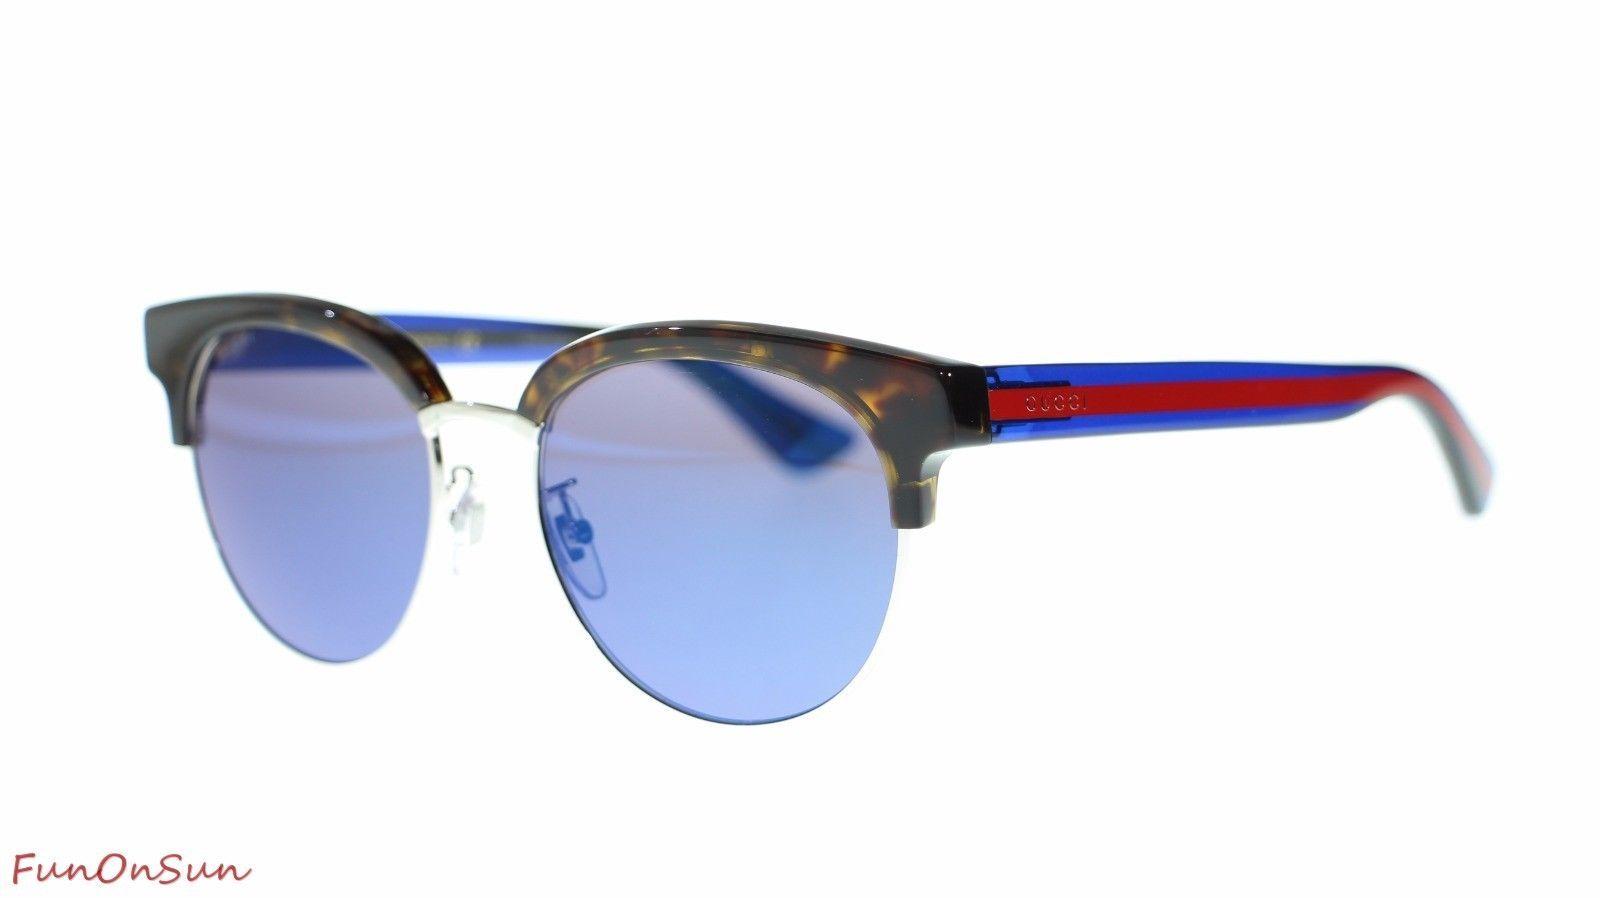 dff1ffbb13c S l1600. S l1600. Previous. Gucci Women Sunglasses GG0058SK 004 Havana  Blue Blue Mirror Lens 55mm Authentic